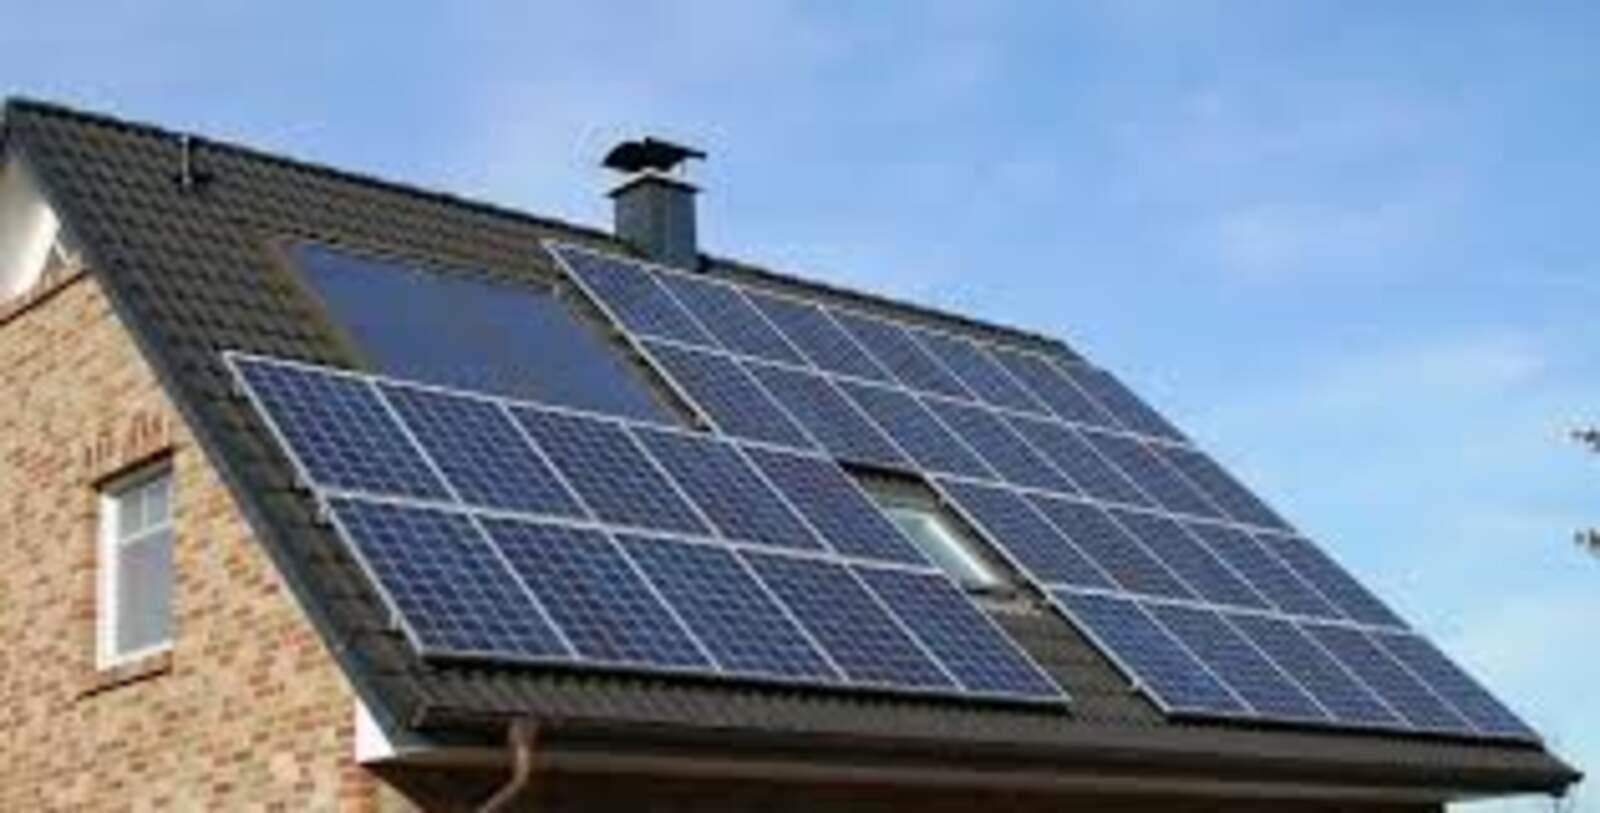 Les cases energèticament sostenibles potser no són a l'abast de tothom però, qui les pot tenir, hauria de fer-ho | Phxere